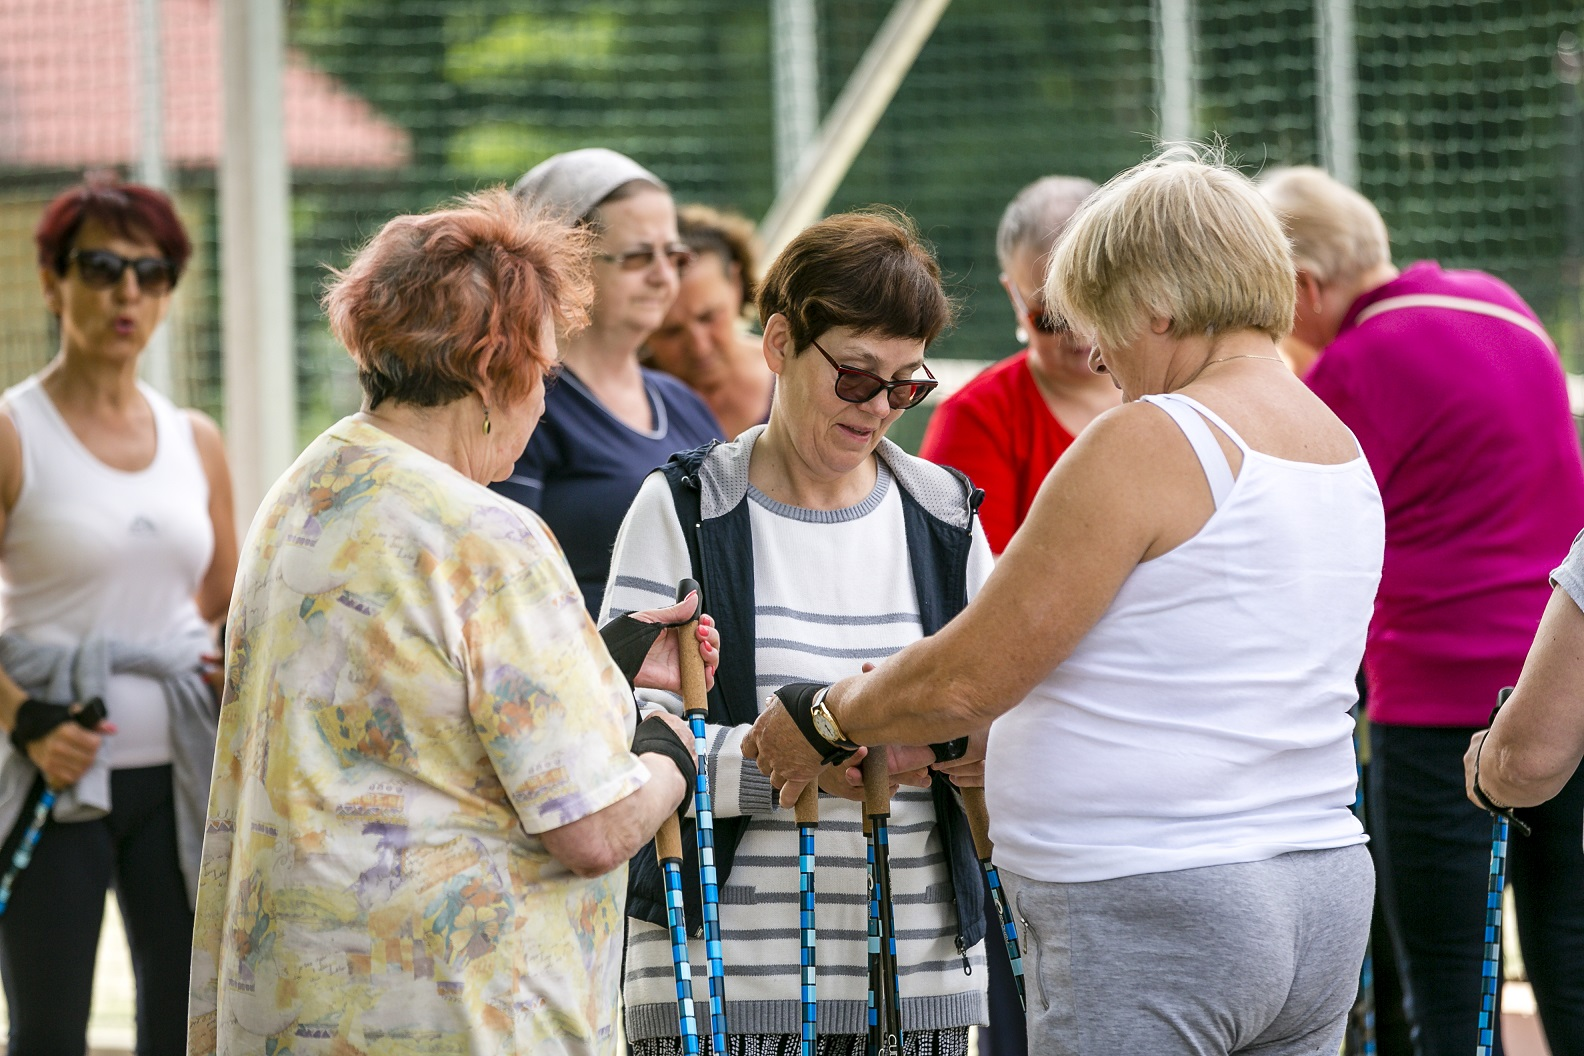 Turnusy rehabilitacyjne dla seniorów - centrum rehabilitacji leczniczej NovuMedical